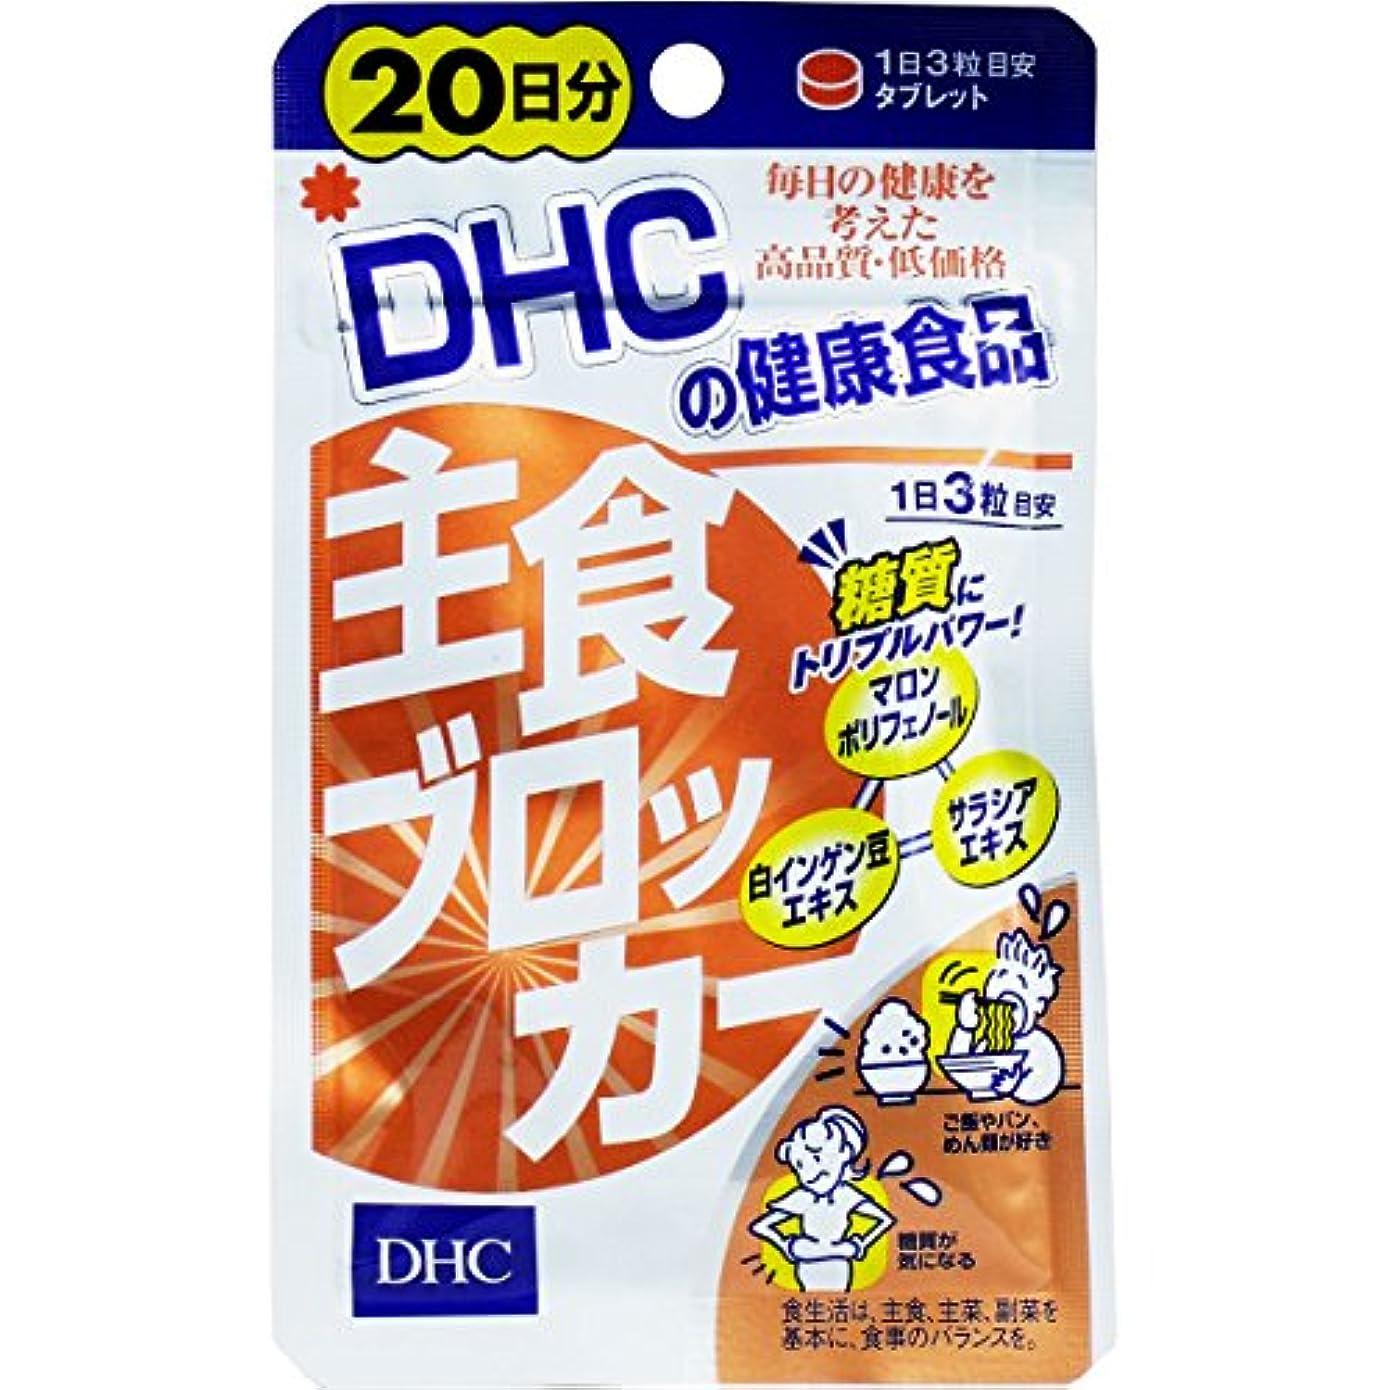 追い付くインチ力強いサプリ 主食好きさんの、健康とダイエットに 話題の DHC 主食ブロッカー 20日分 60粒入